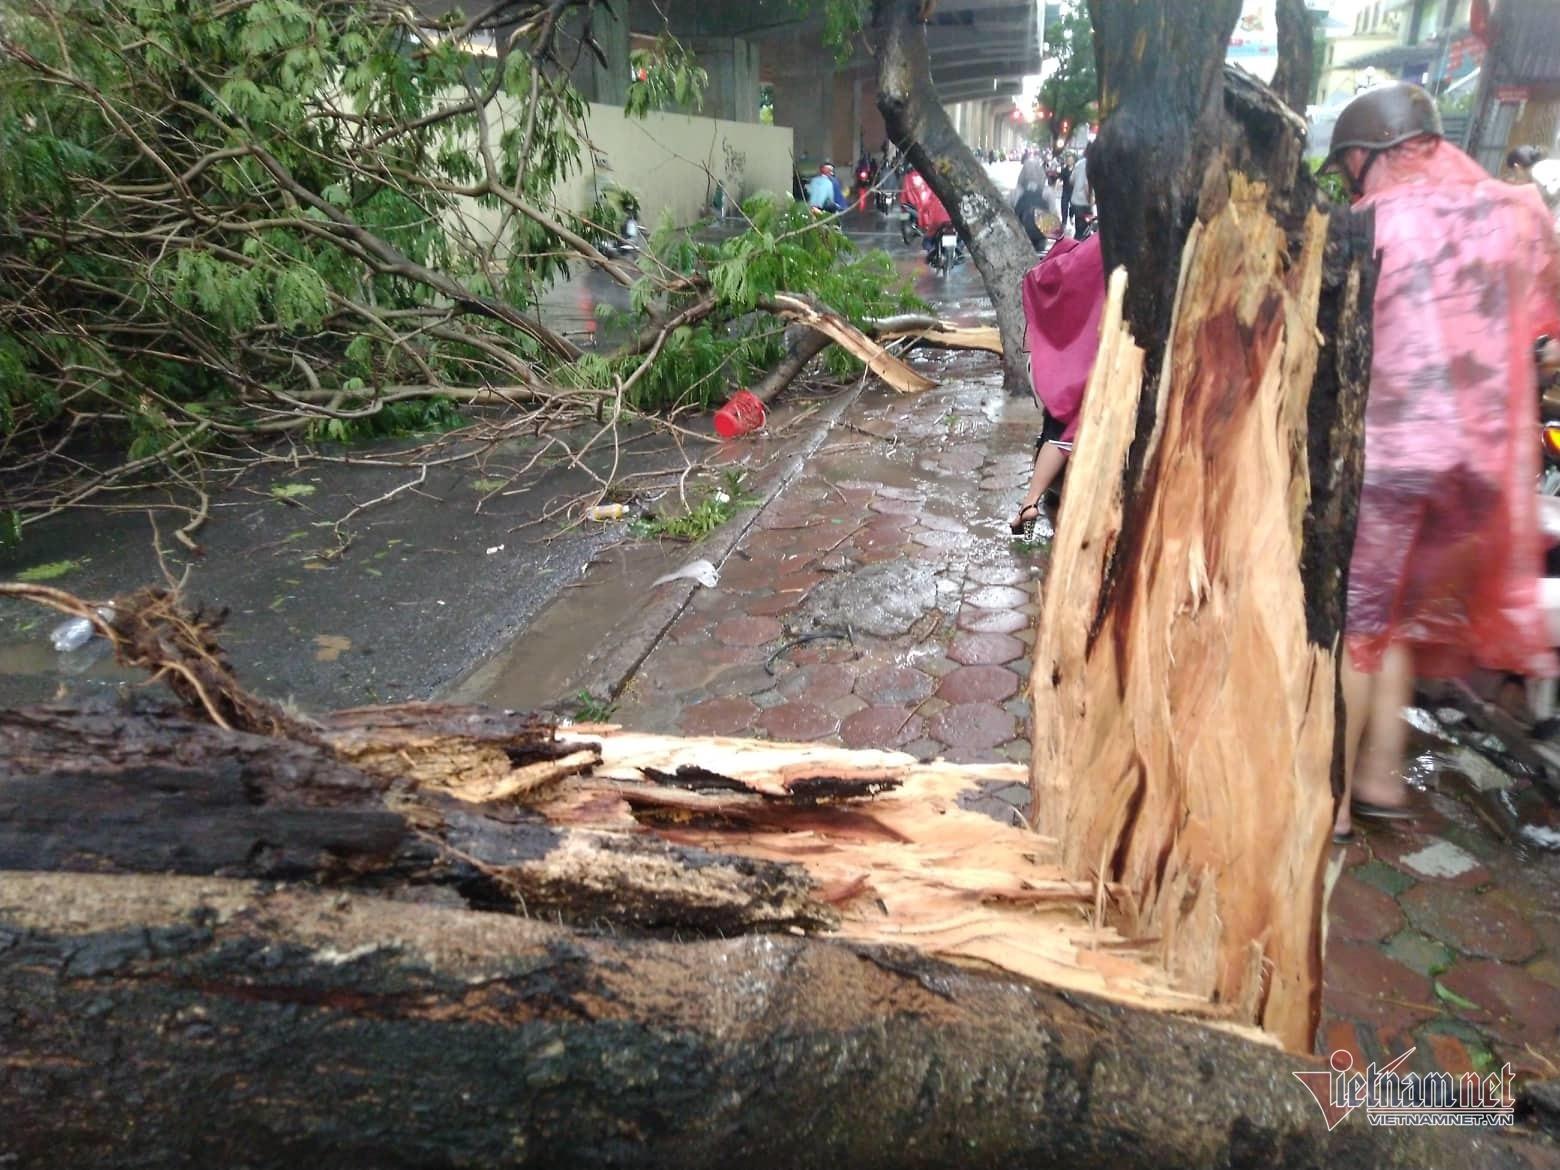 Giông lốc 'đánh úp', cây đổ la liệt giữa phố Hà Nội, 1 thanh niên tử vong